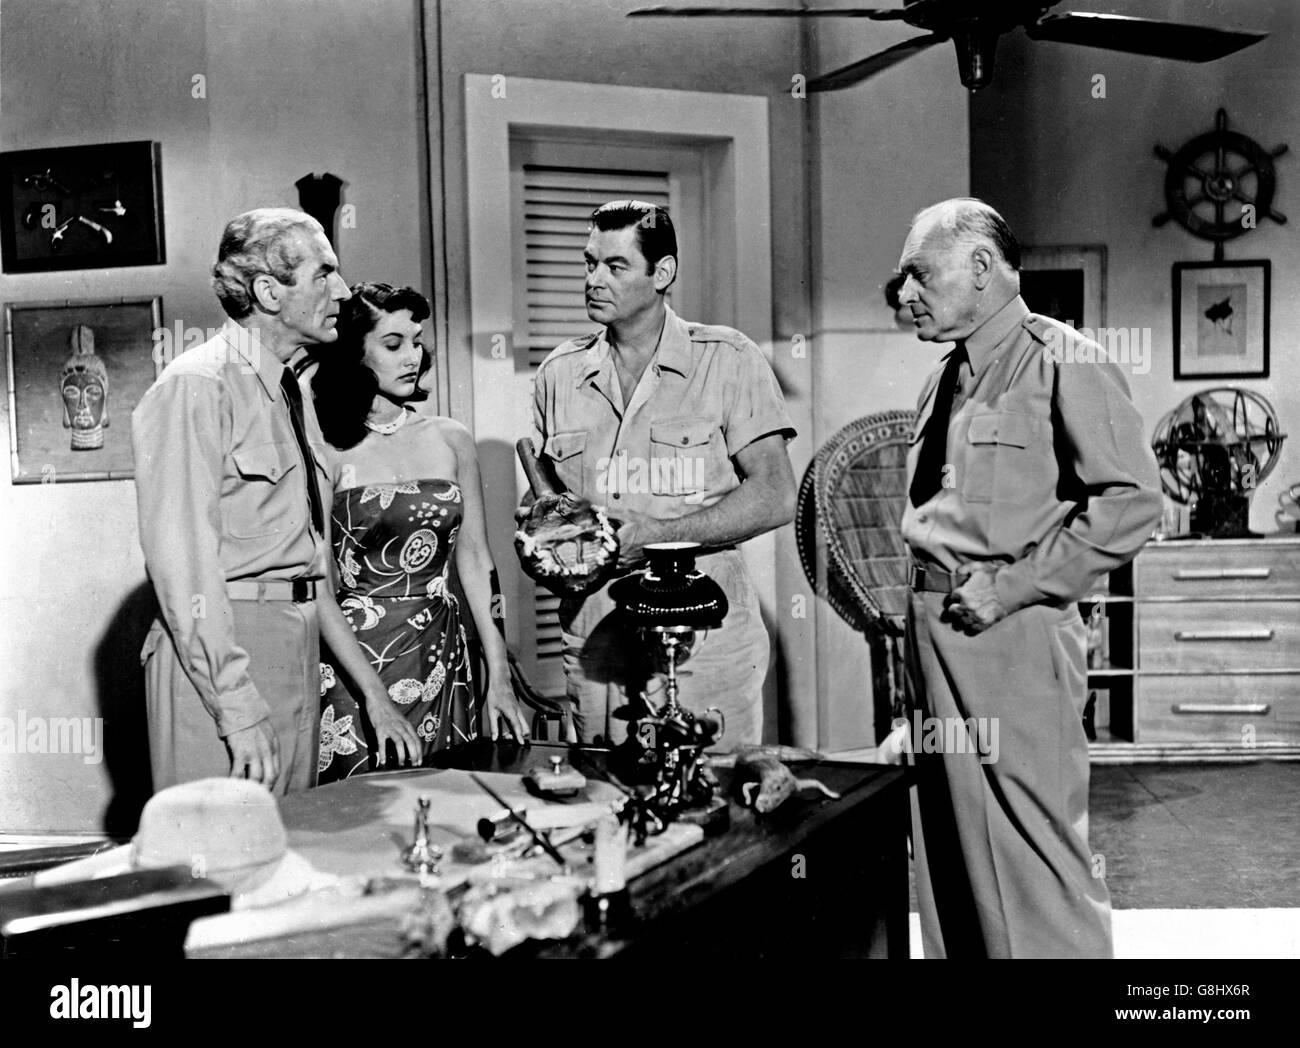 Cannibal Attack, USA 1954, Regie: Lee Sholem, Darsteller: (v. l.) Steve Darrell, Judy Walch, Johnny Weissmuller, - Stock Image